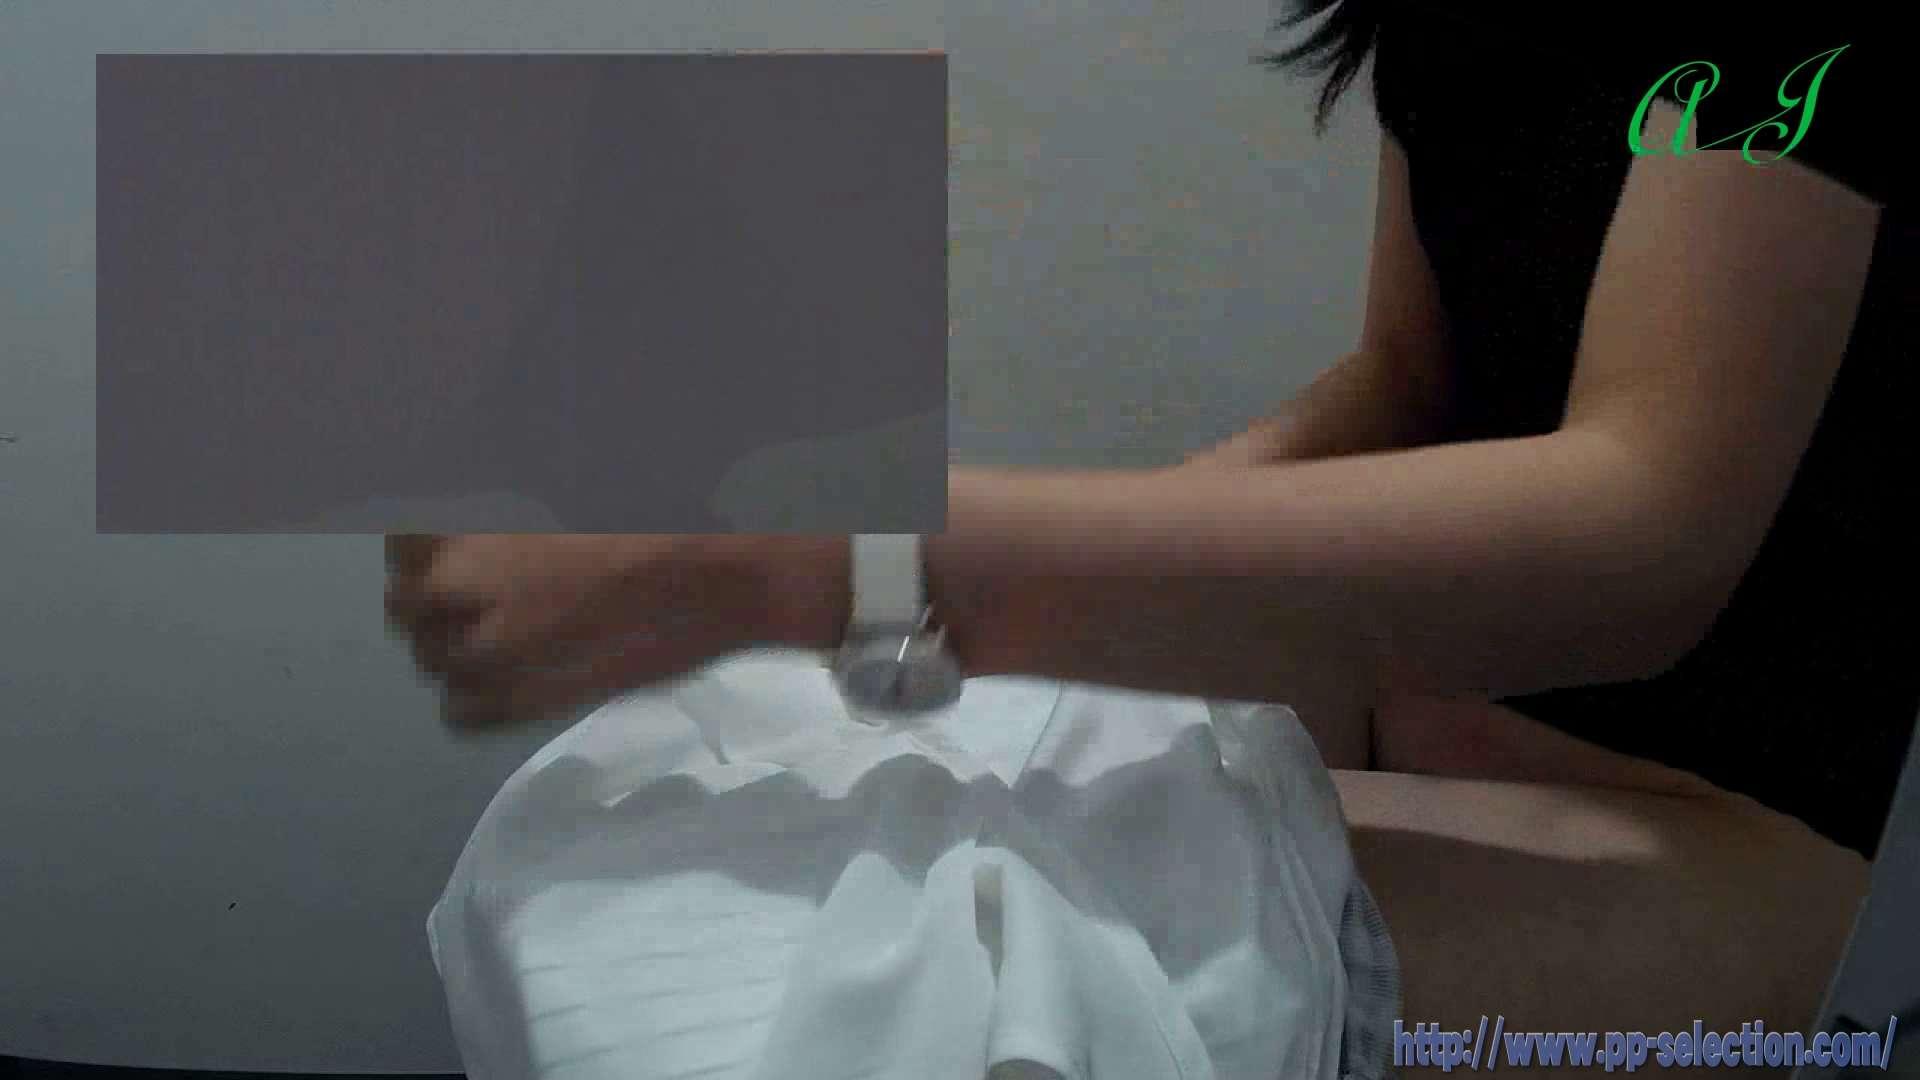 素敵なパンストお女市さん 有名大学女性洗面所 vol.73 美肌 エロ画像 106画像 38